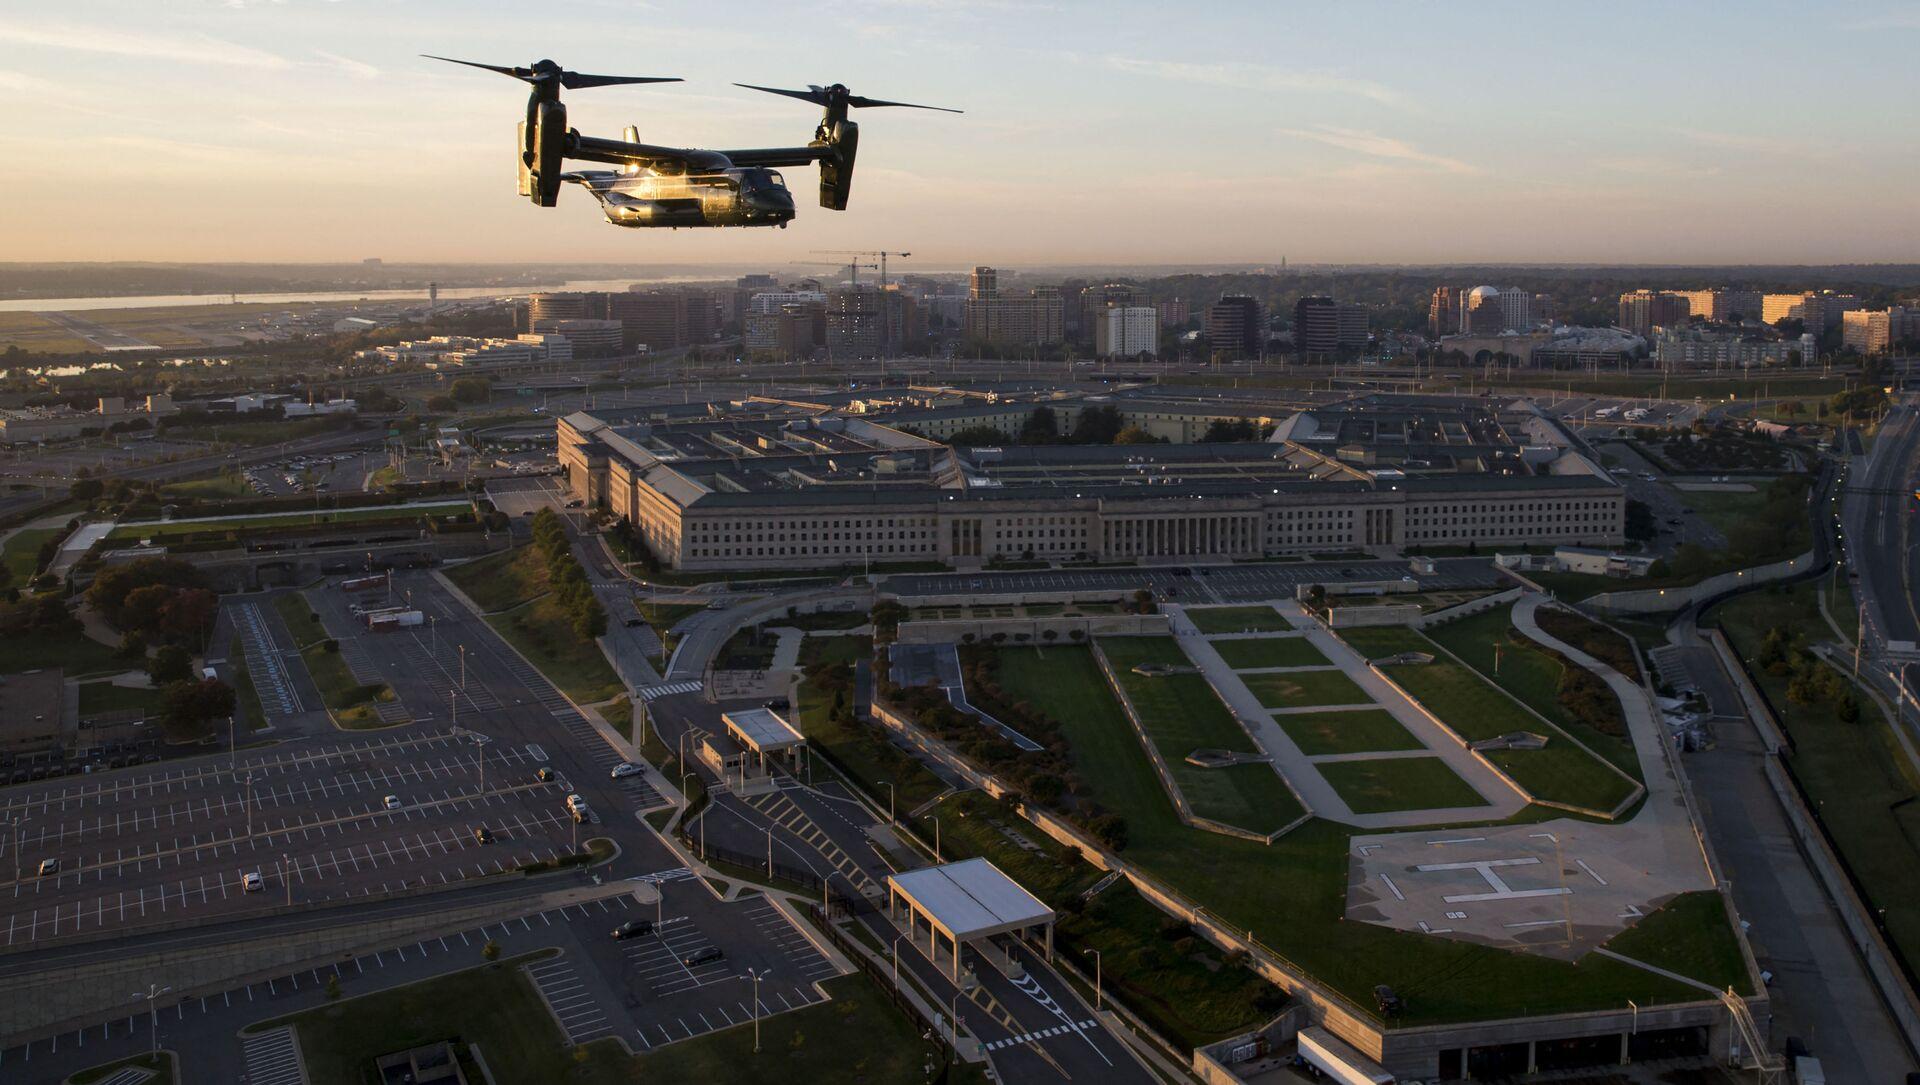 Здание Пентагона в Вашингтоне - Sputnik Азербайджан, 1920, 27.04.2021